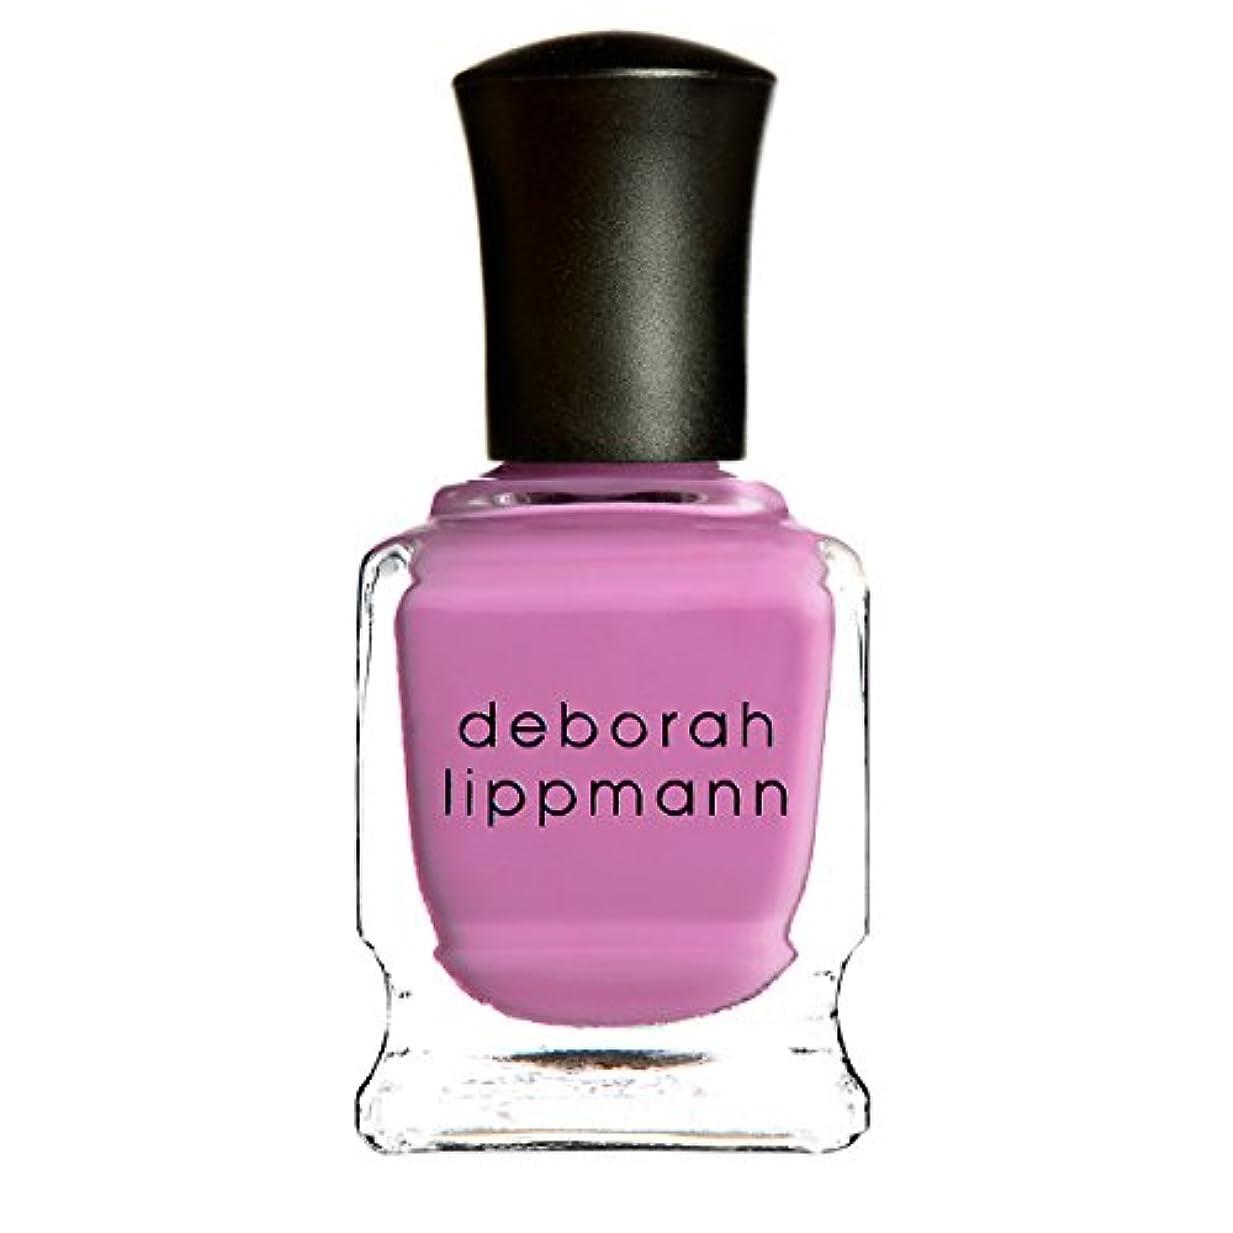 フィルタお肉ベース[Deborah Lippmann] デボラリップマン ミニ ポリッシュ ネイルポリッシュ ピンク系 「シーバップ 」 8 ml 【デボラリップマン】 SHE BOP【deborah lippmann】